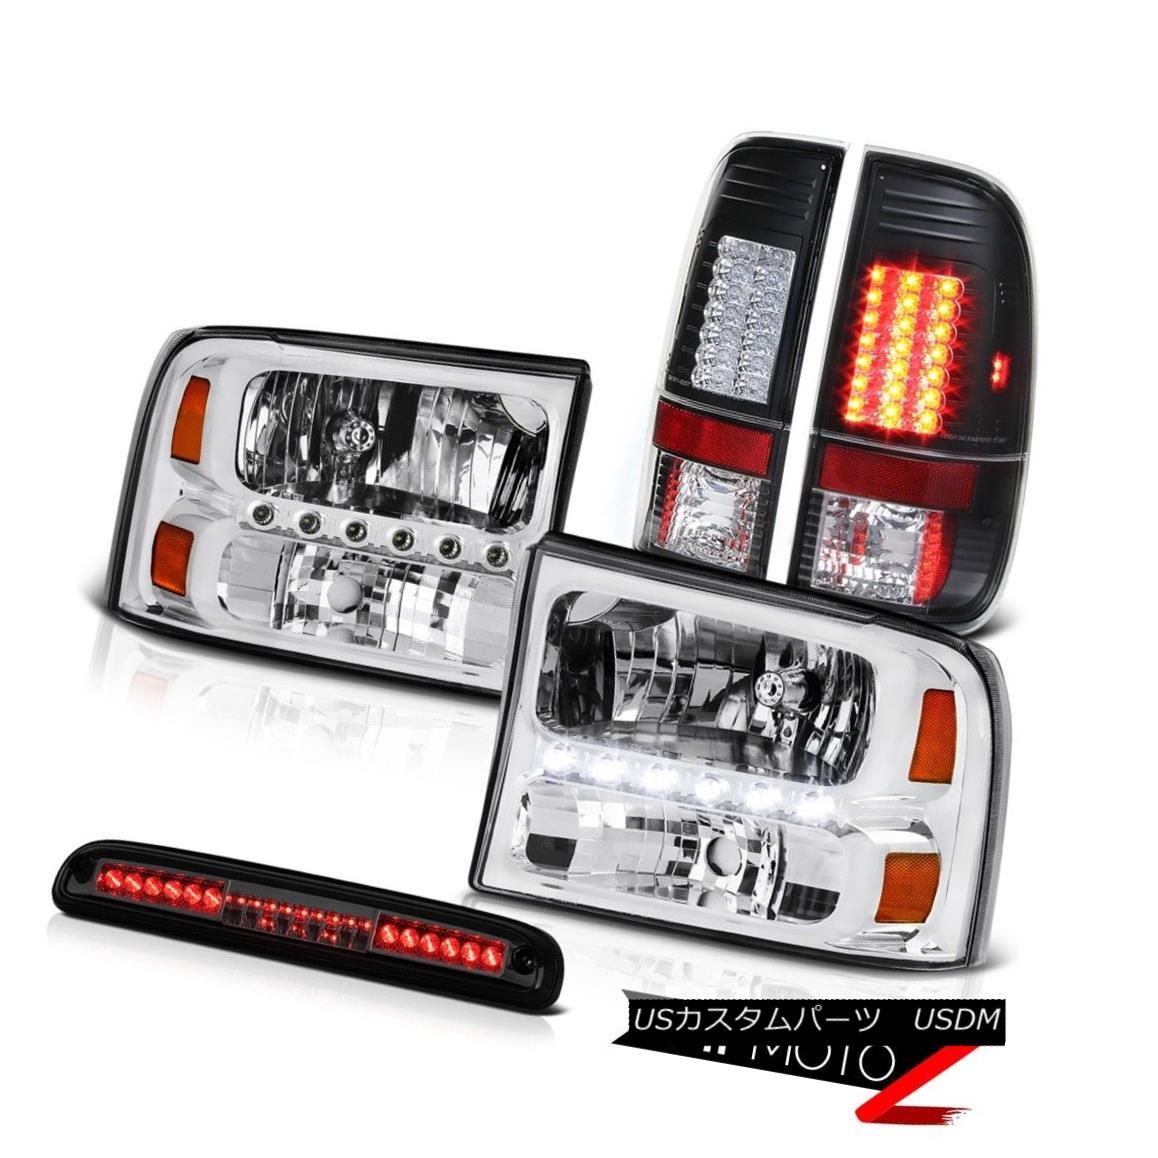 ヘッドライト 99-04 F350 Lariat Left Right HeadTailLamps Black LED TailLamps High Stop Smoke 99-04 F350 Lariat Left Right HeadTailLampsブラックLEDテールランプハイストップスモーク